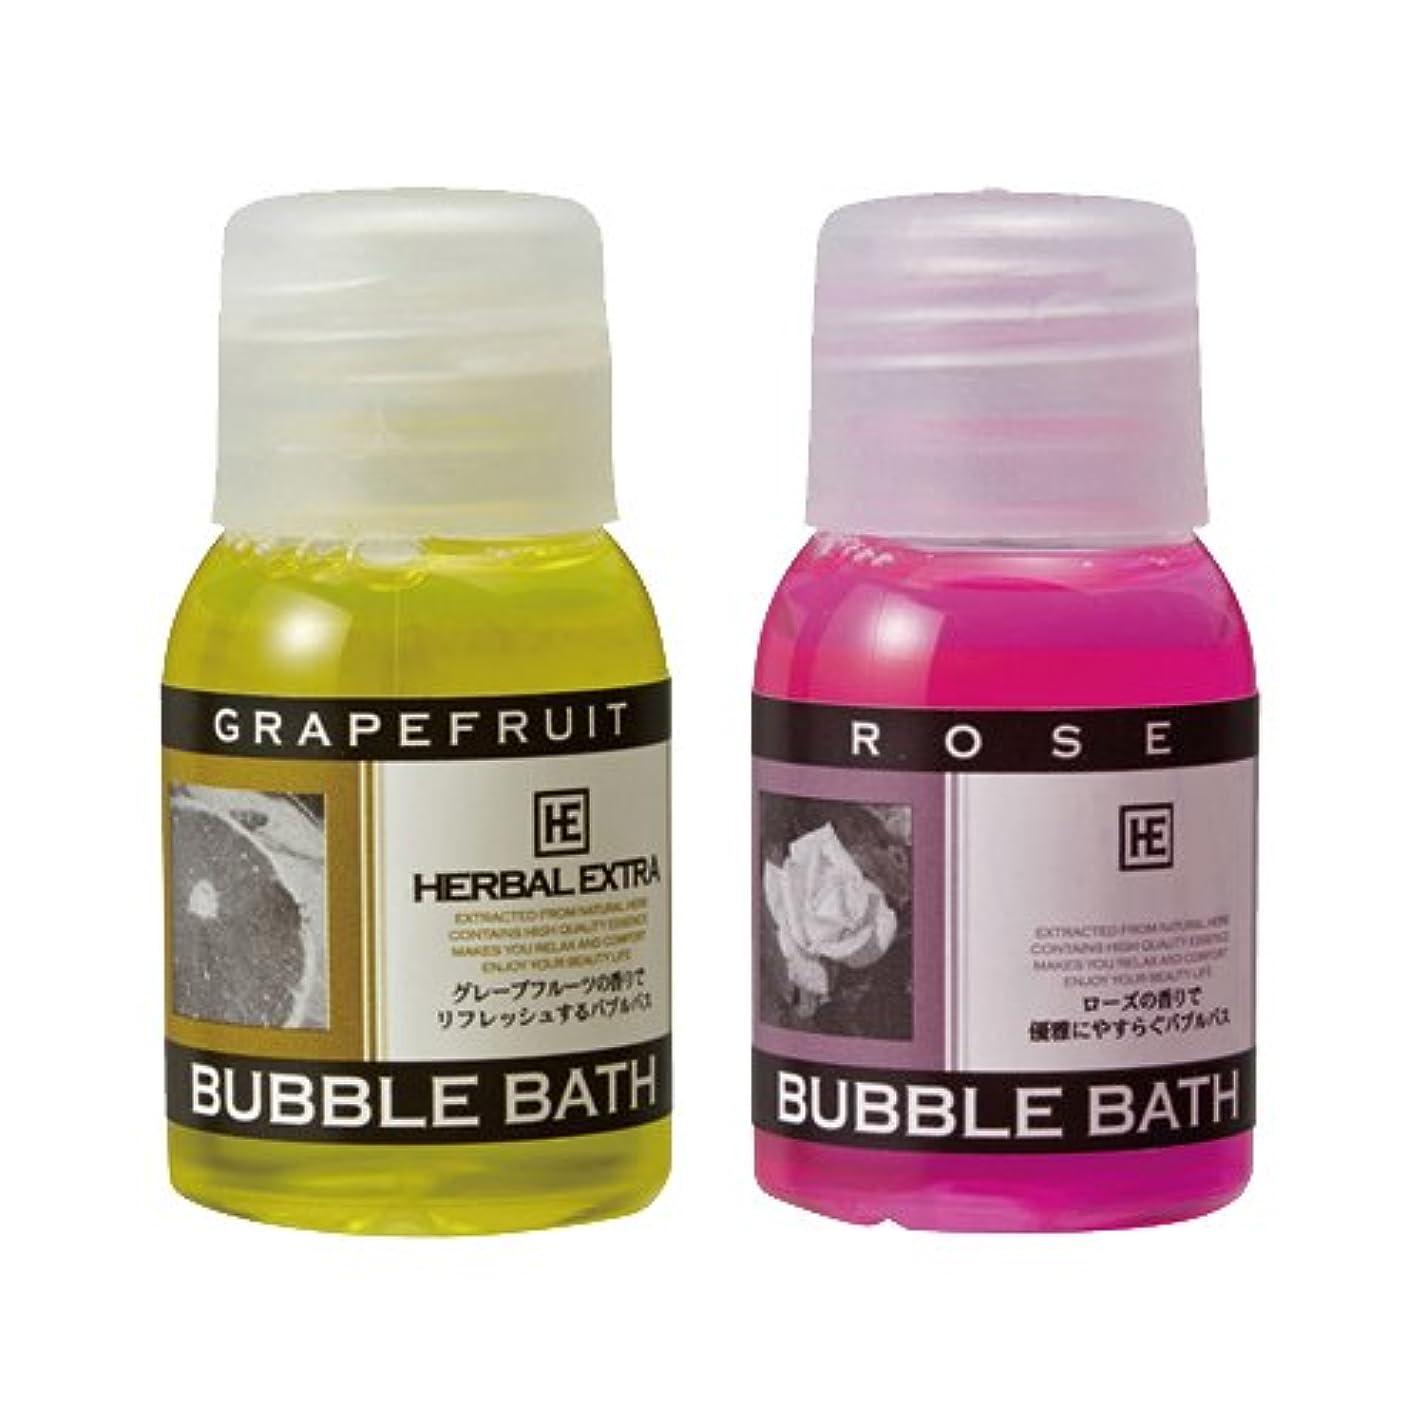 ハーバルエクストラ バブルバス ミニボトル × おまかせアソート10個セット - ホテルアメニティ 業務用 発泡入浴剤 (BUBBLE BATH)